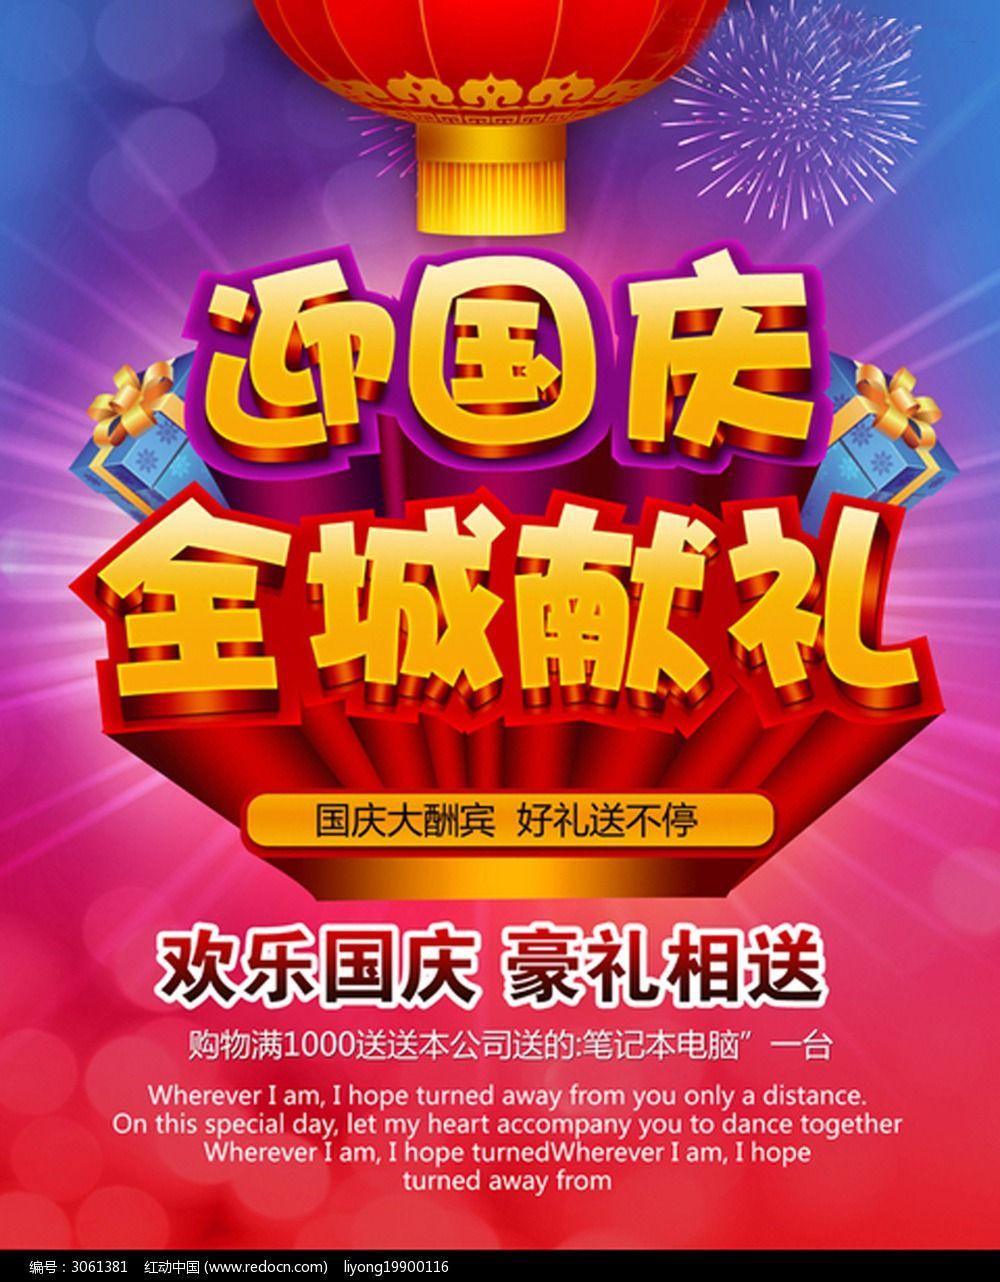 十一国庆节_十一国庆节促销海报